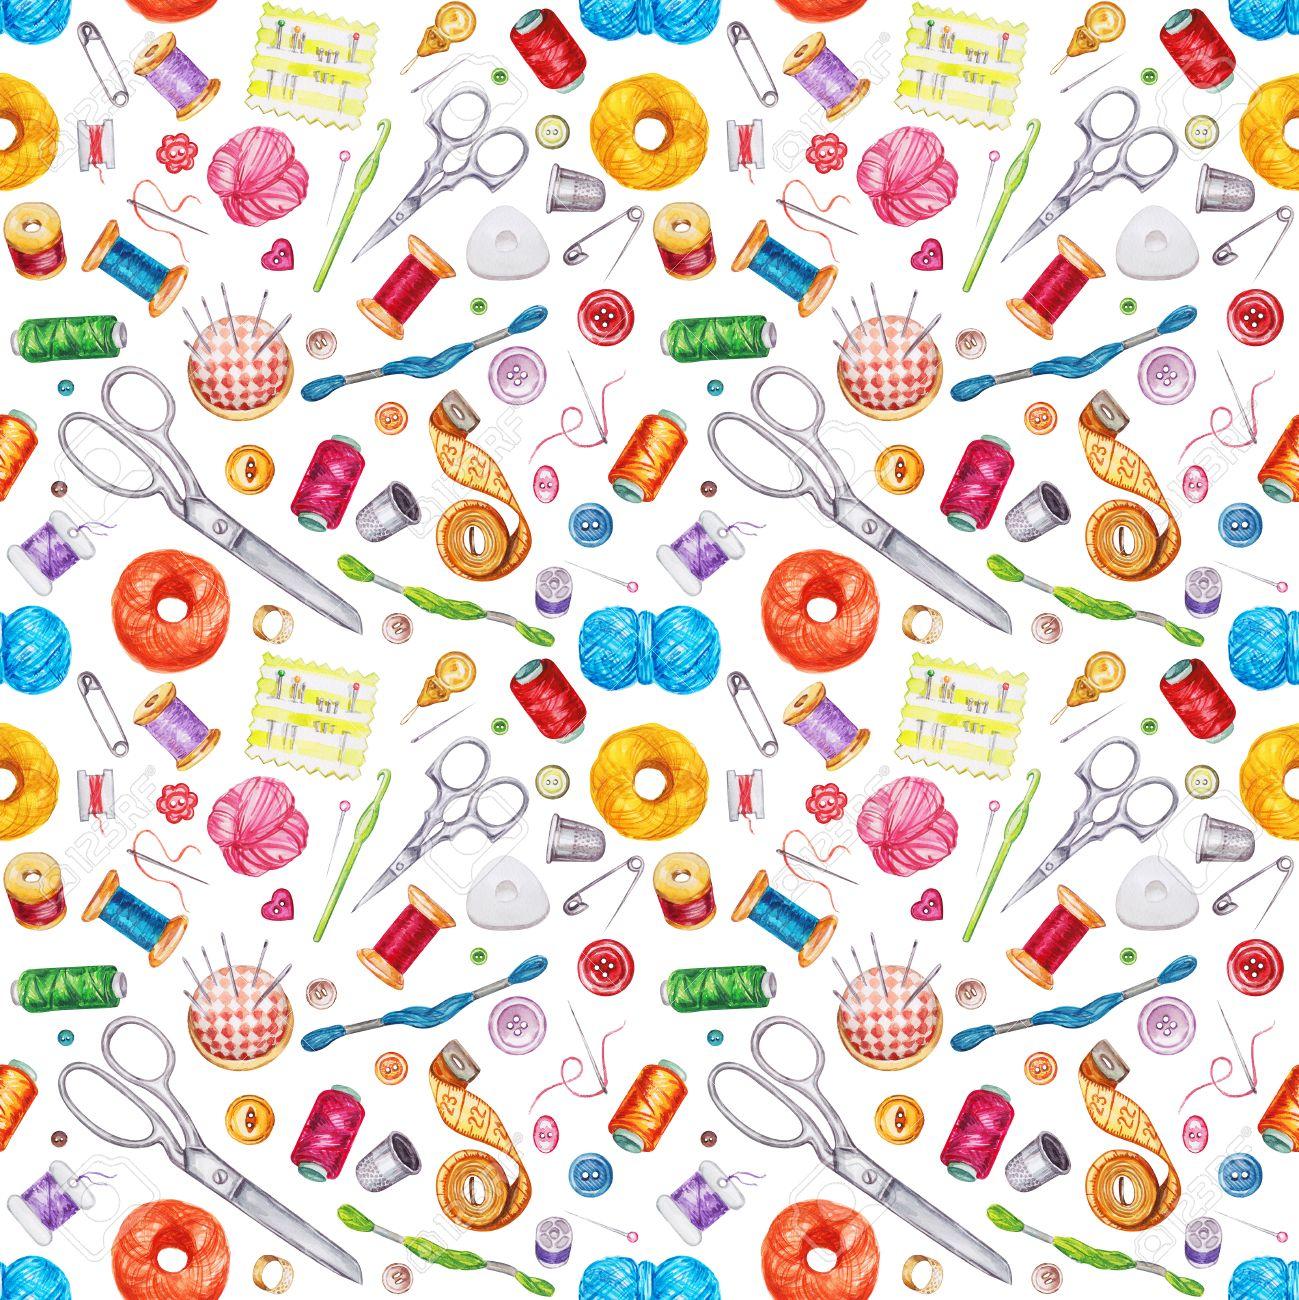 Großartig Nähzeug Muster Bilder - Nähmuster-Ideen - sarasara.info